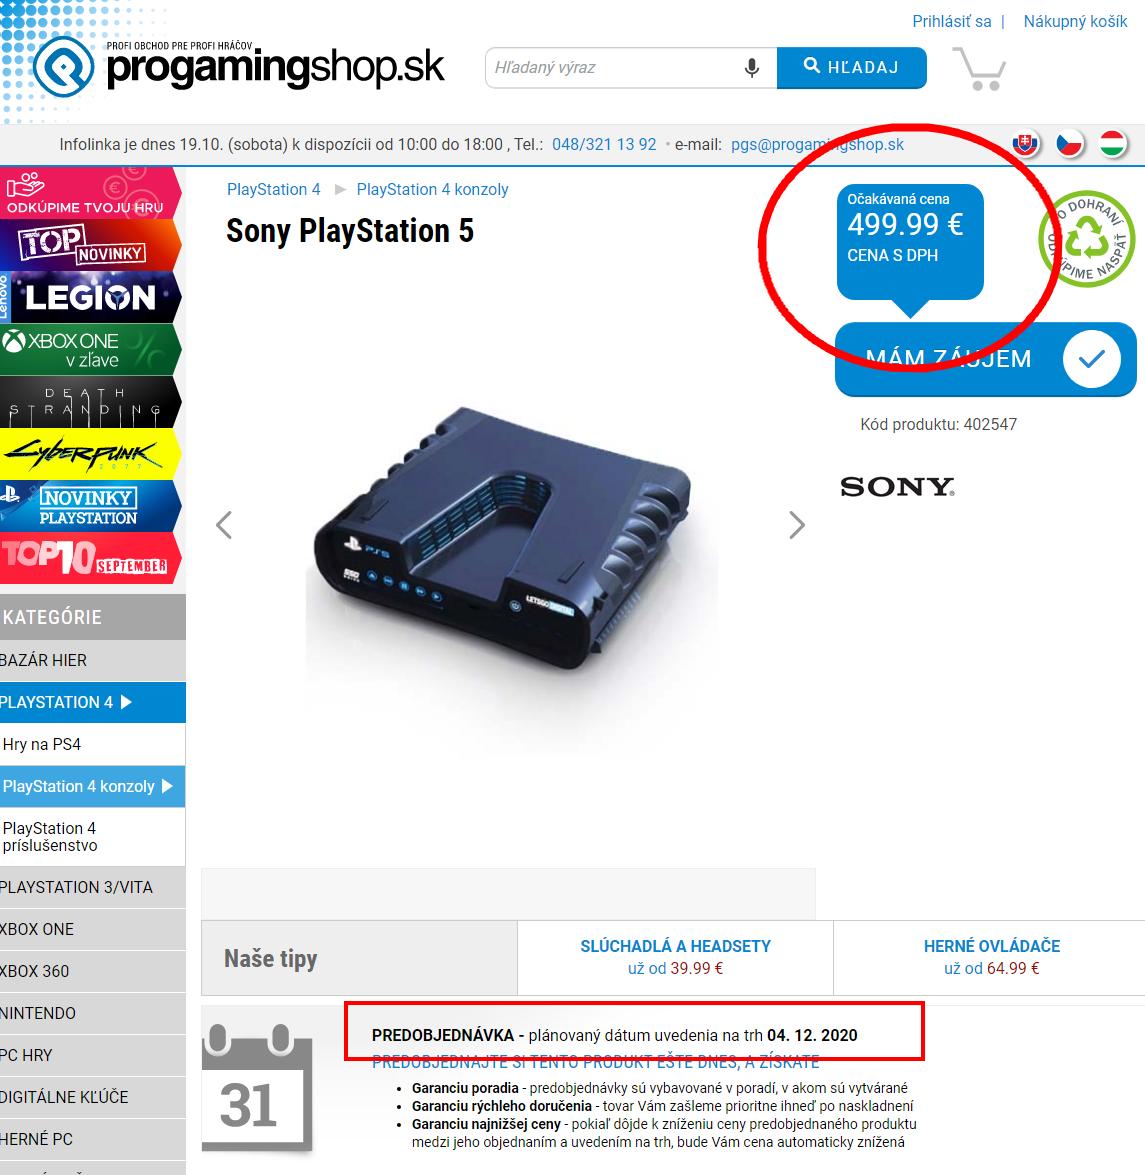 欧洲零售商泄露PS5发售时间 预期定价约4000元